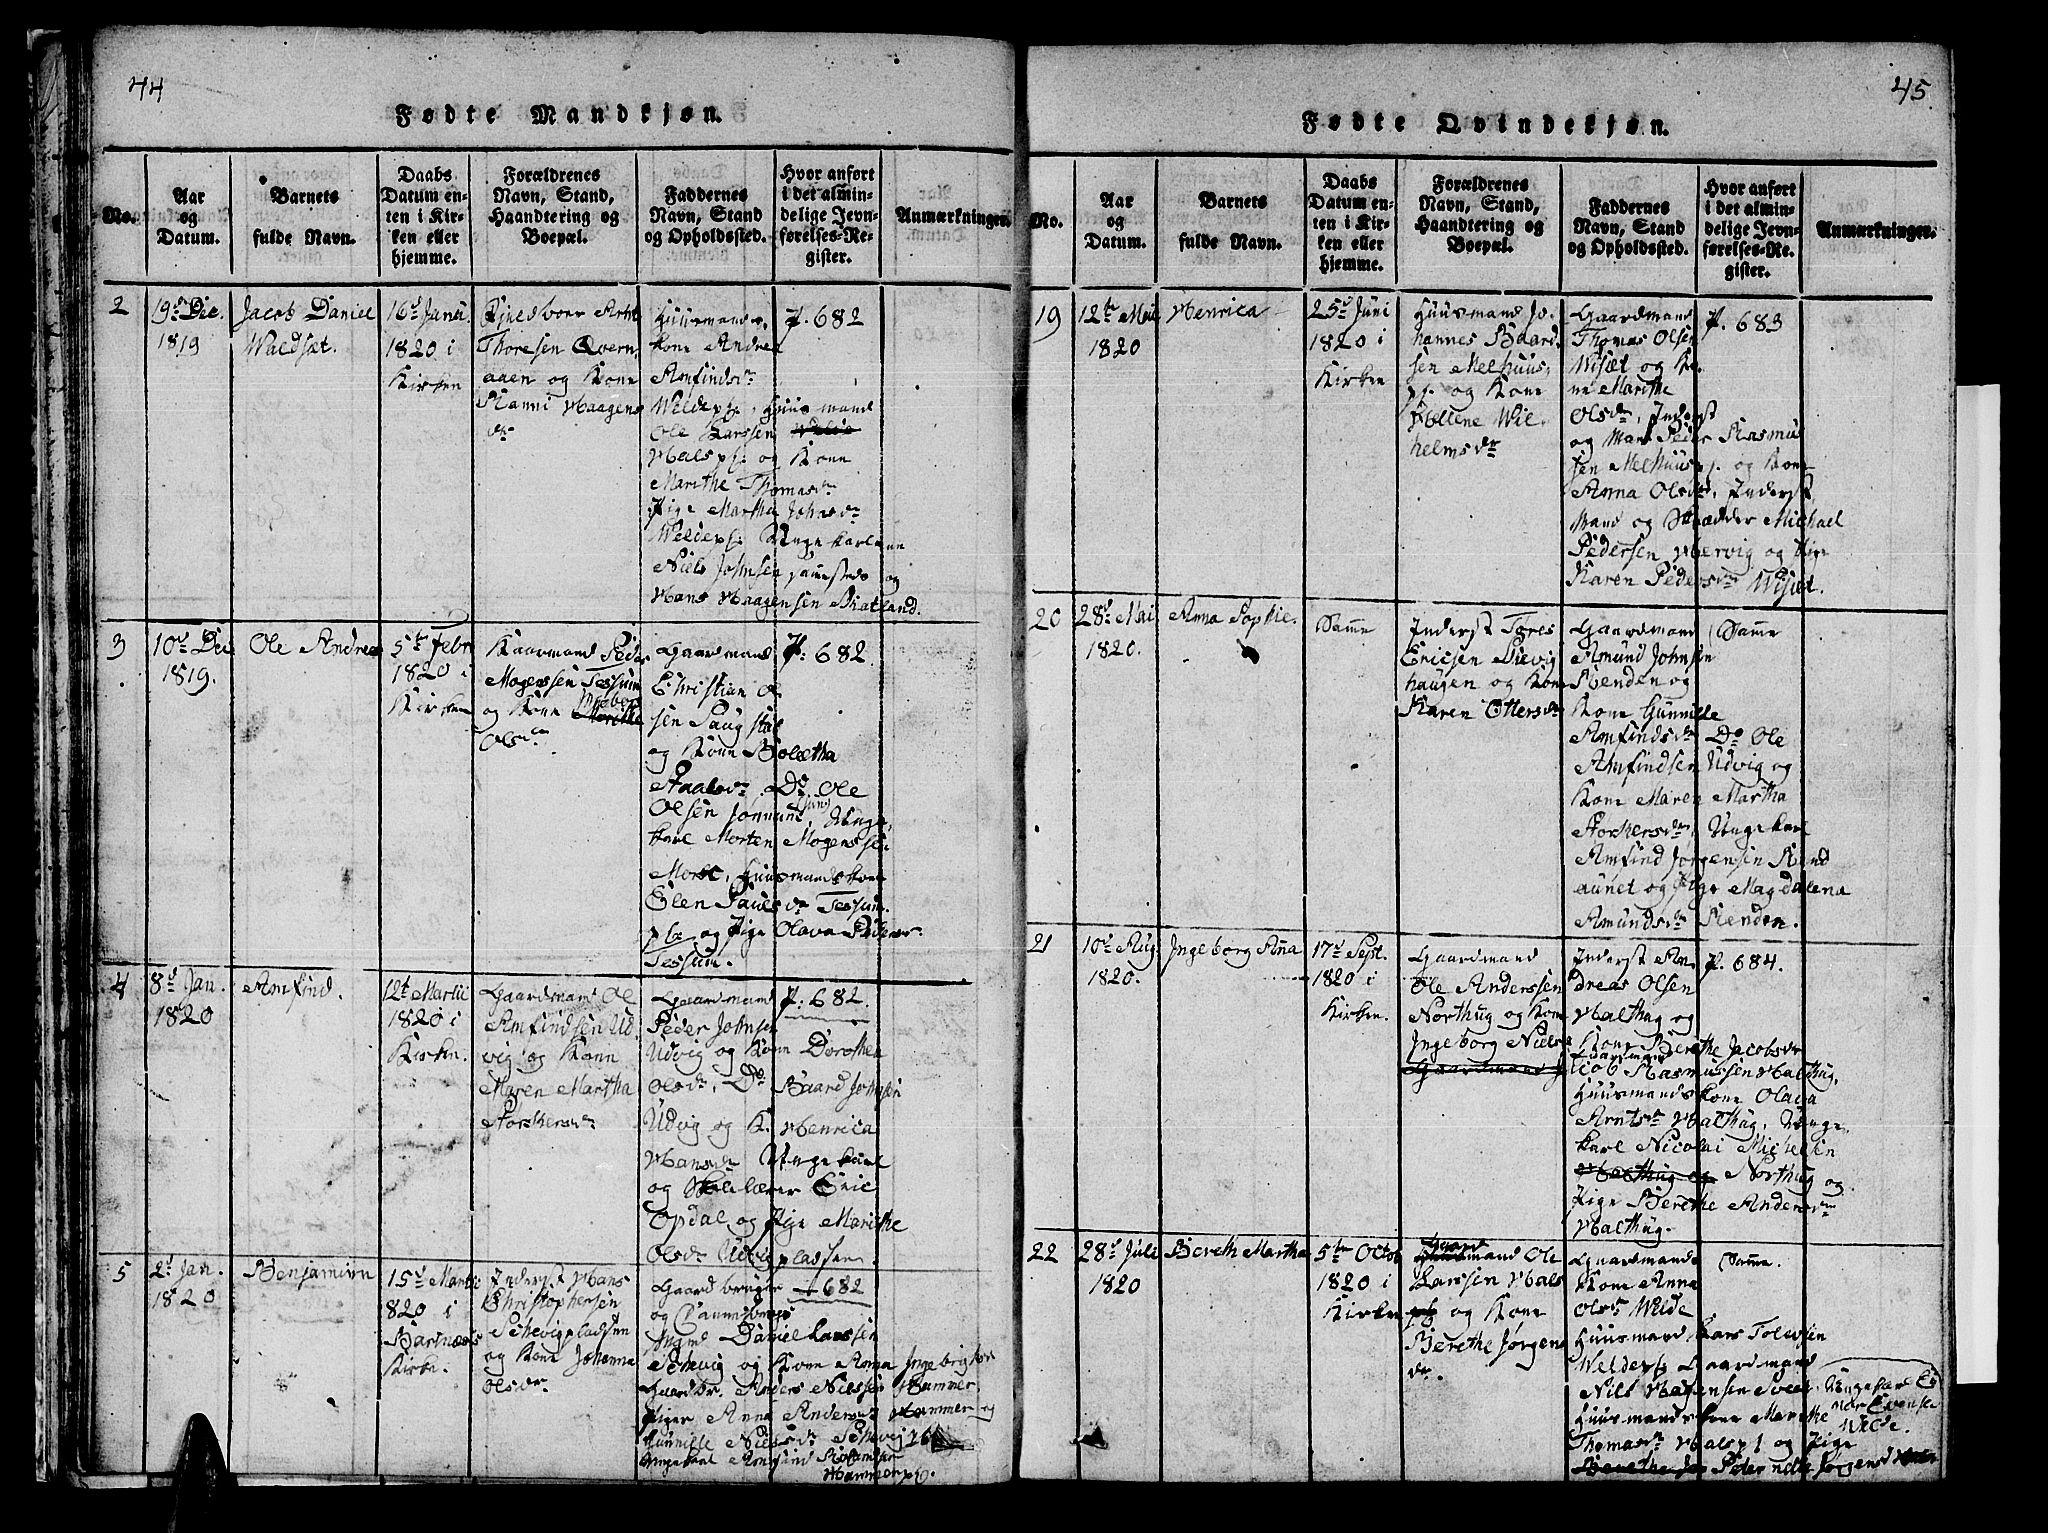 SAT, Ministerialprotokoller, klokkerbøker og fødselsregistre - Nord-Trøndelag, 741/L0400: Klokkerbok nr. 741C01, 1817-1825, s. 44-45